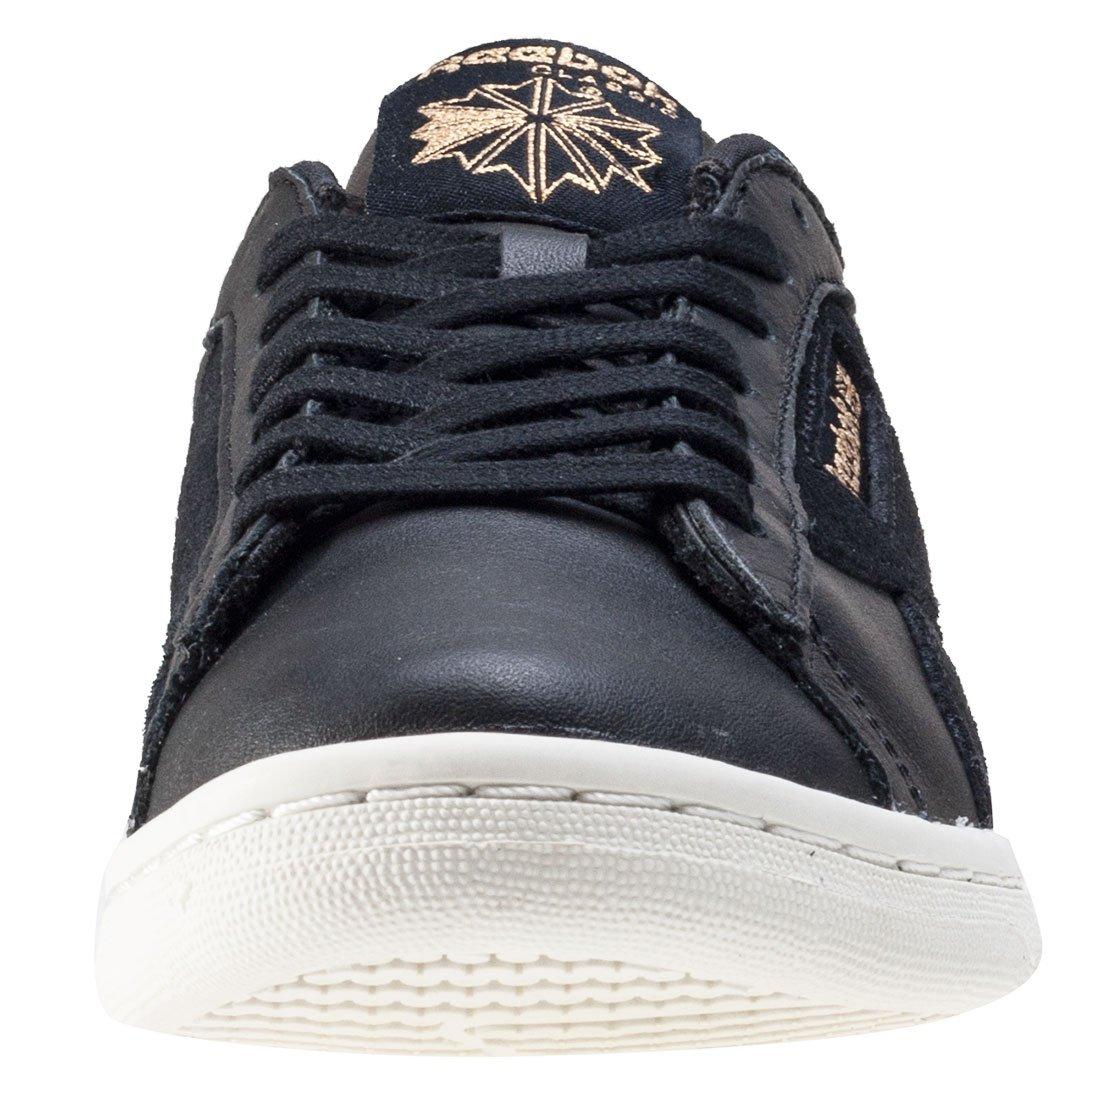 Reebok NPC UK Ad Mujer Zapatillas Negro: Amazon.es: Zapatos